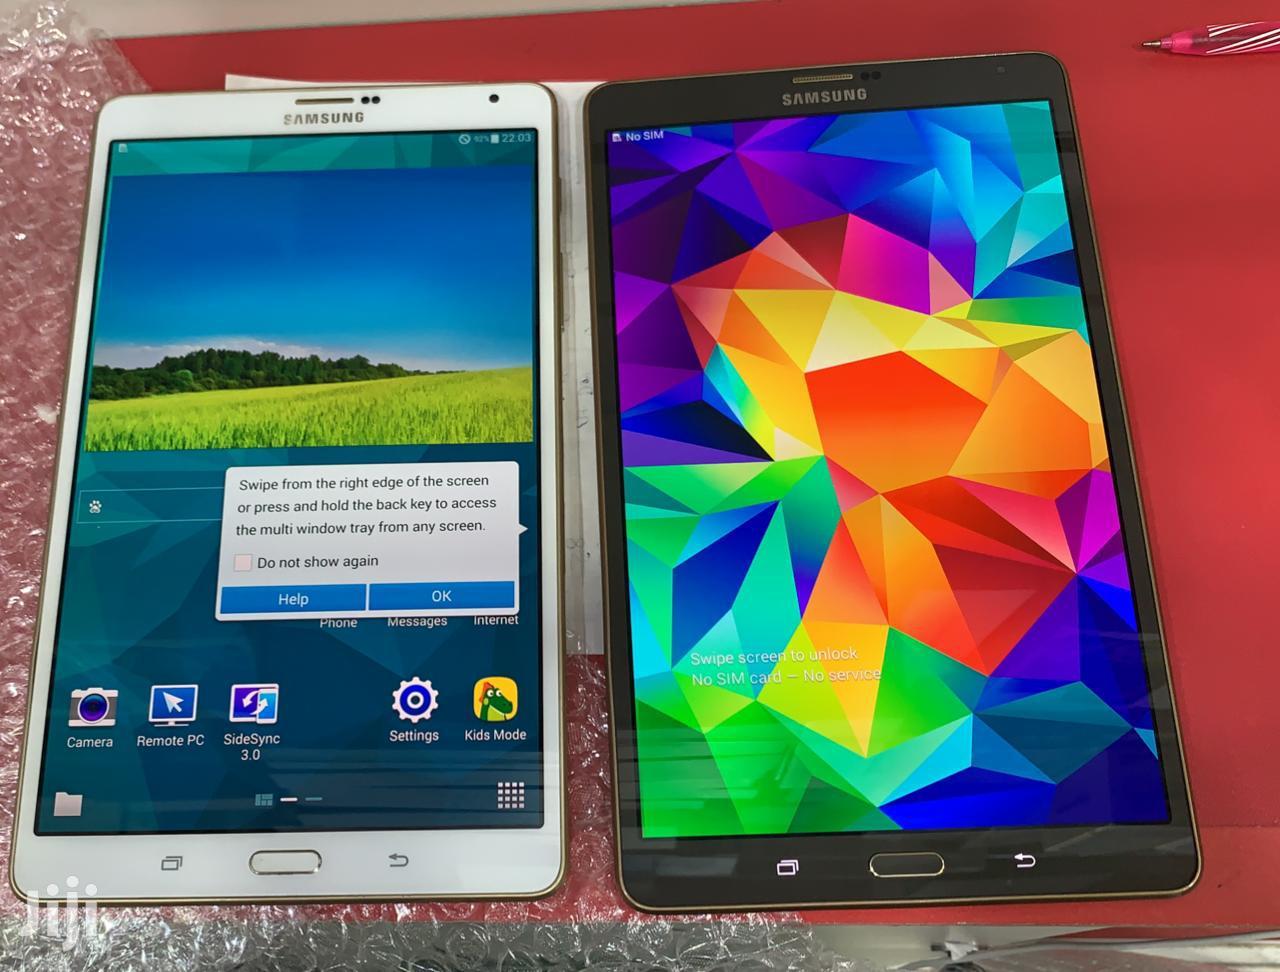 Samsung Galaxy Tab S 8.4 8 GB | Tablets for sale in Kampala, Central Region, Uganda